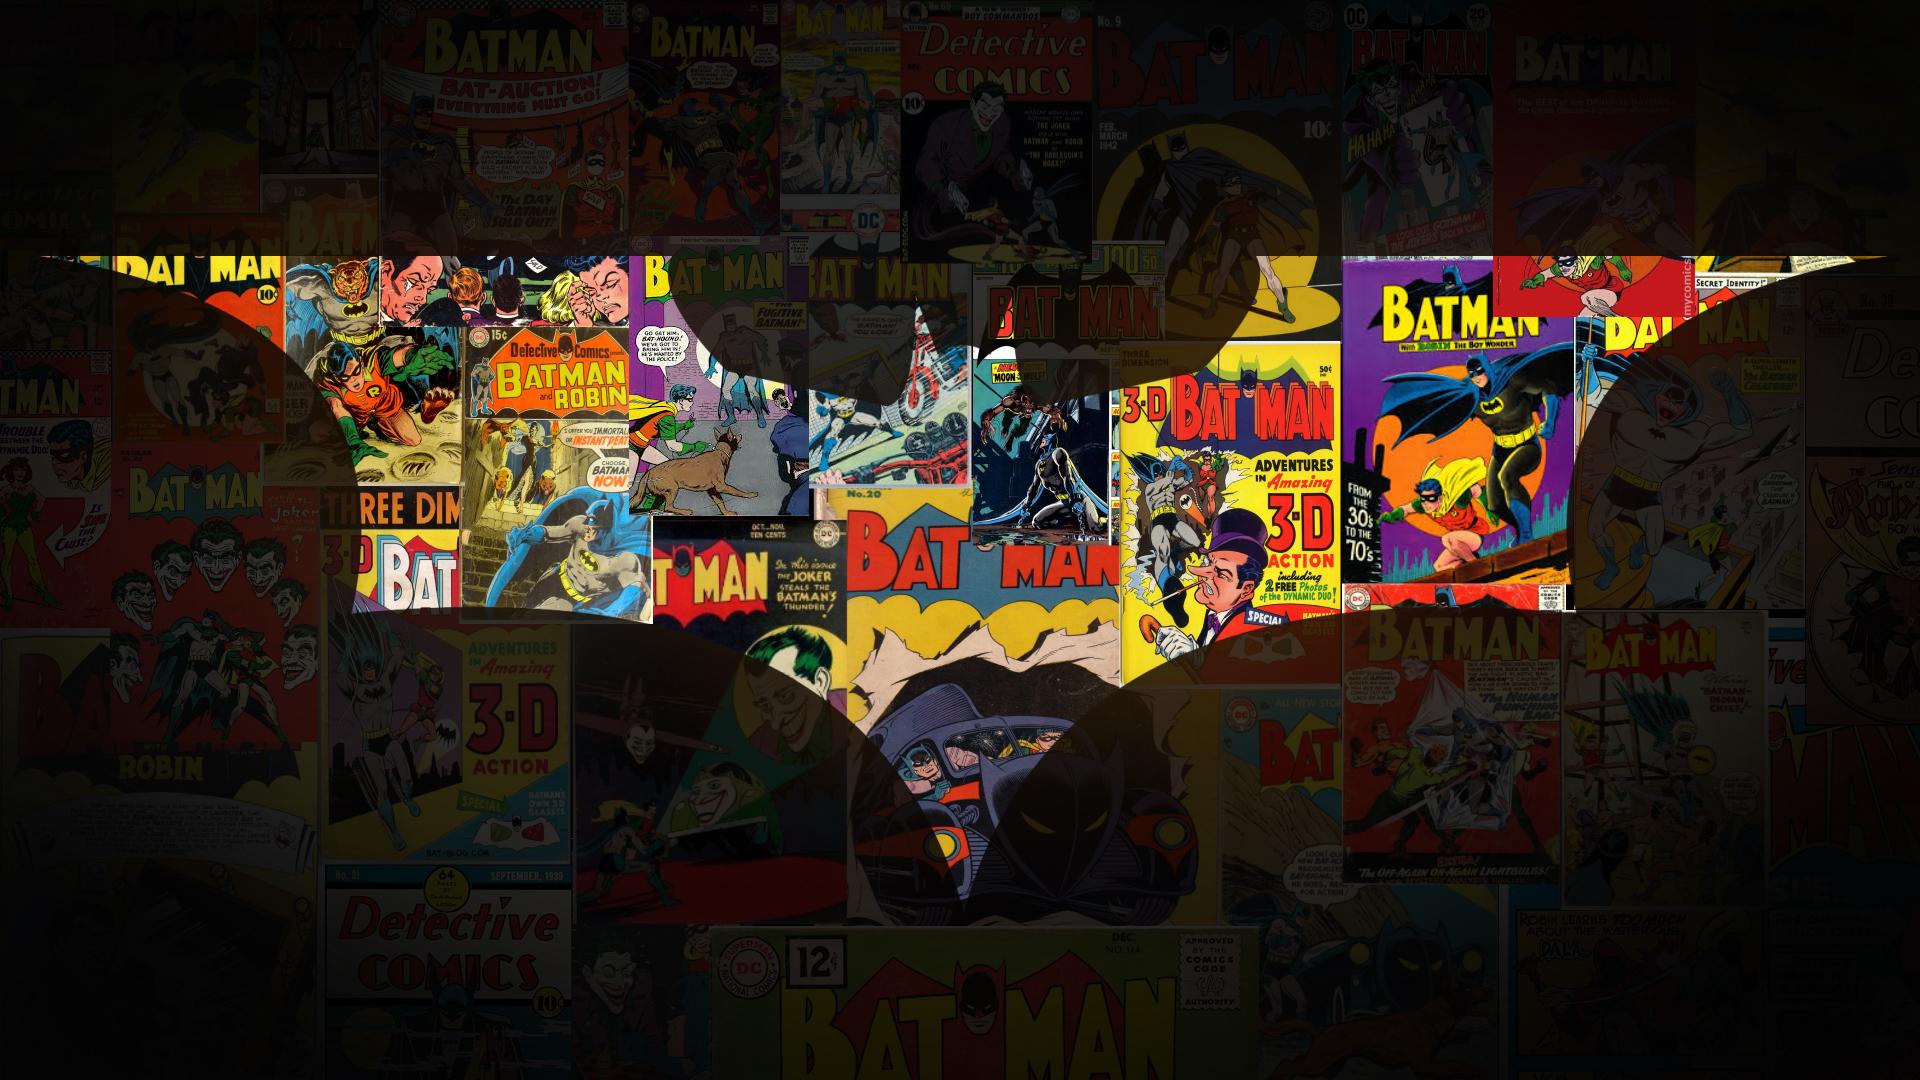 Batman Collage by Overlourd9 on DeviantArt